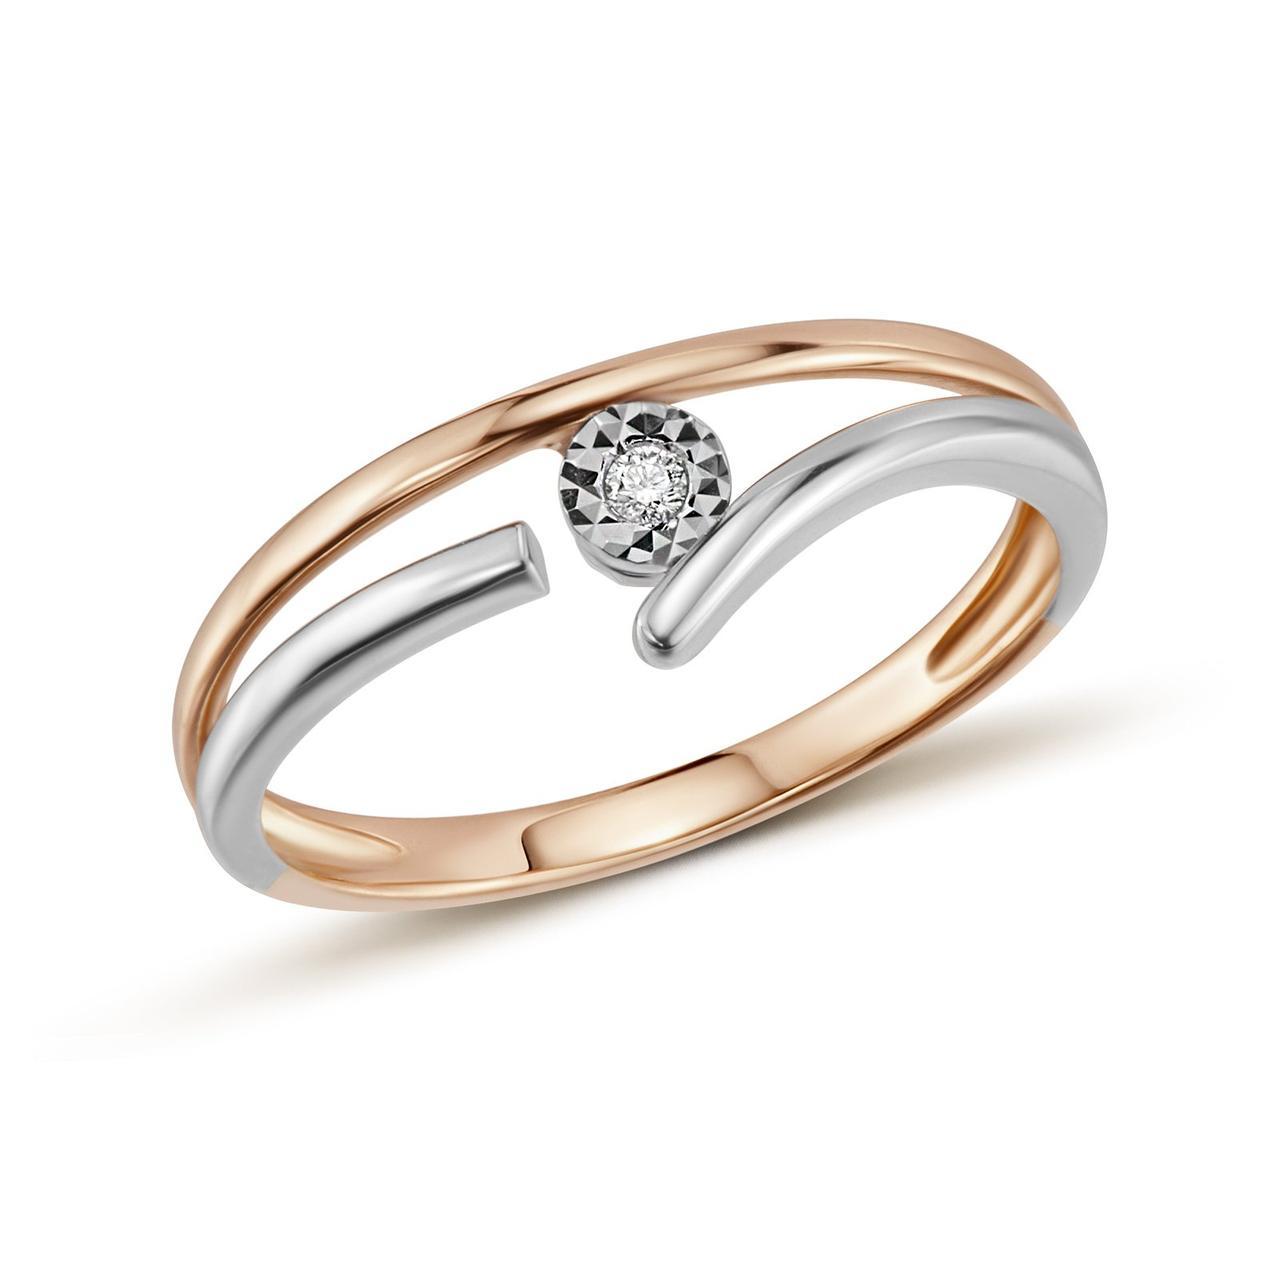 Золотое кольцо с бриллиантом, размер 19.5 (446300)